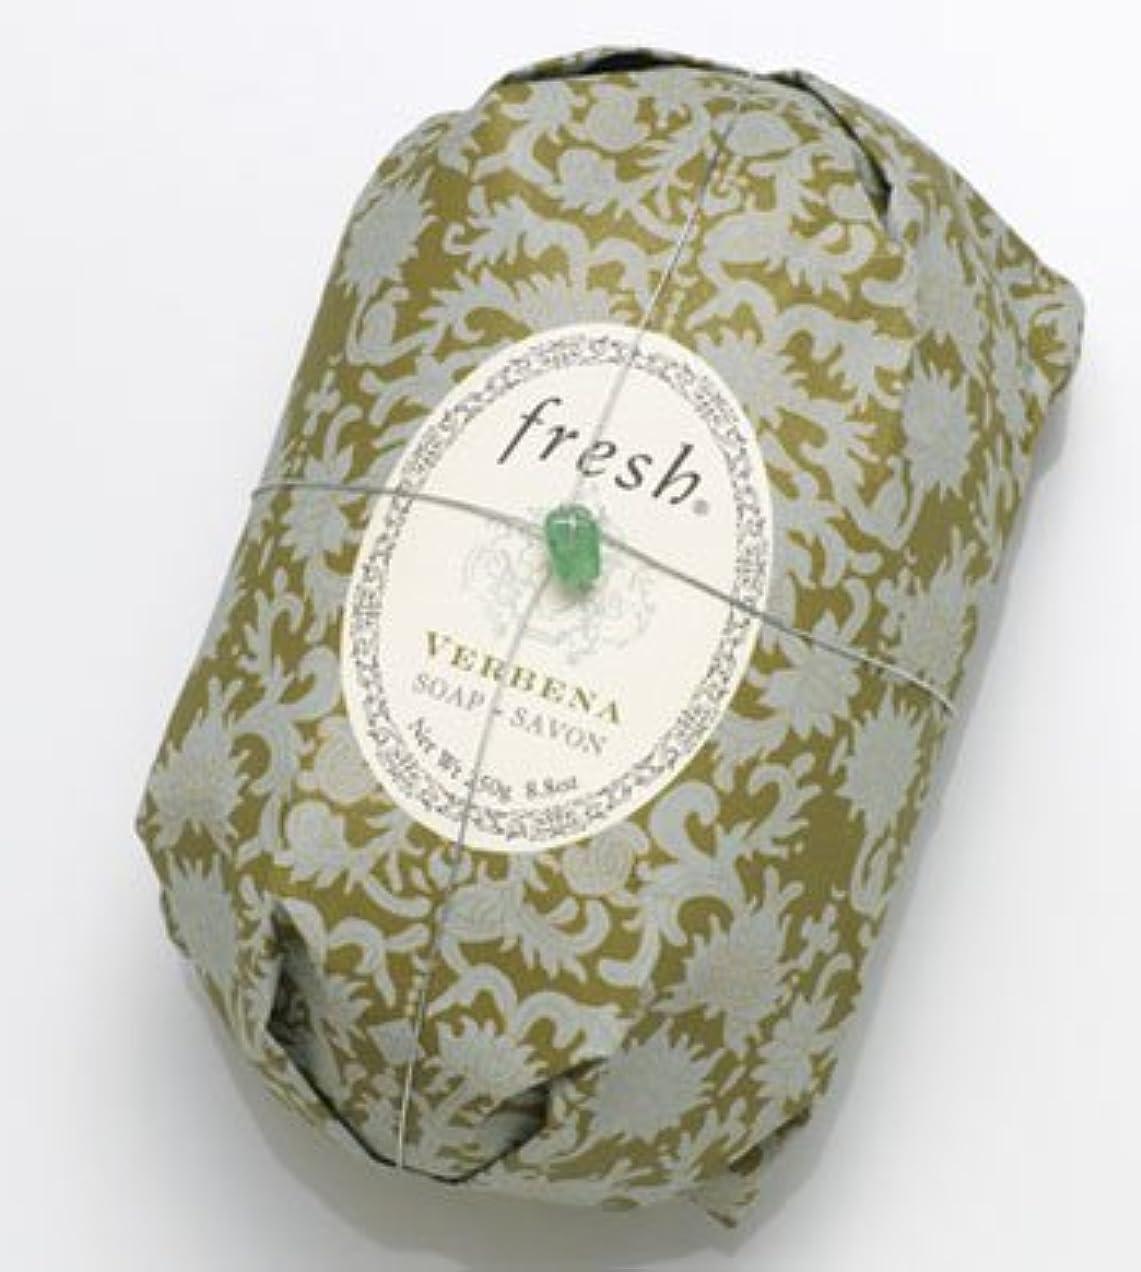 ステッチ装備するダンプFresh VERBENA SOAP (フレッシュ バーベナ ソープ) 8.8 oz (250g) Soap (石鹸) by Fresh